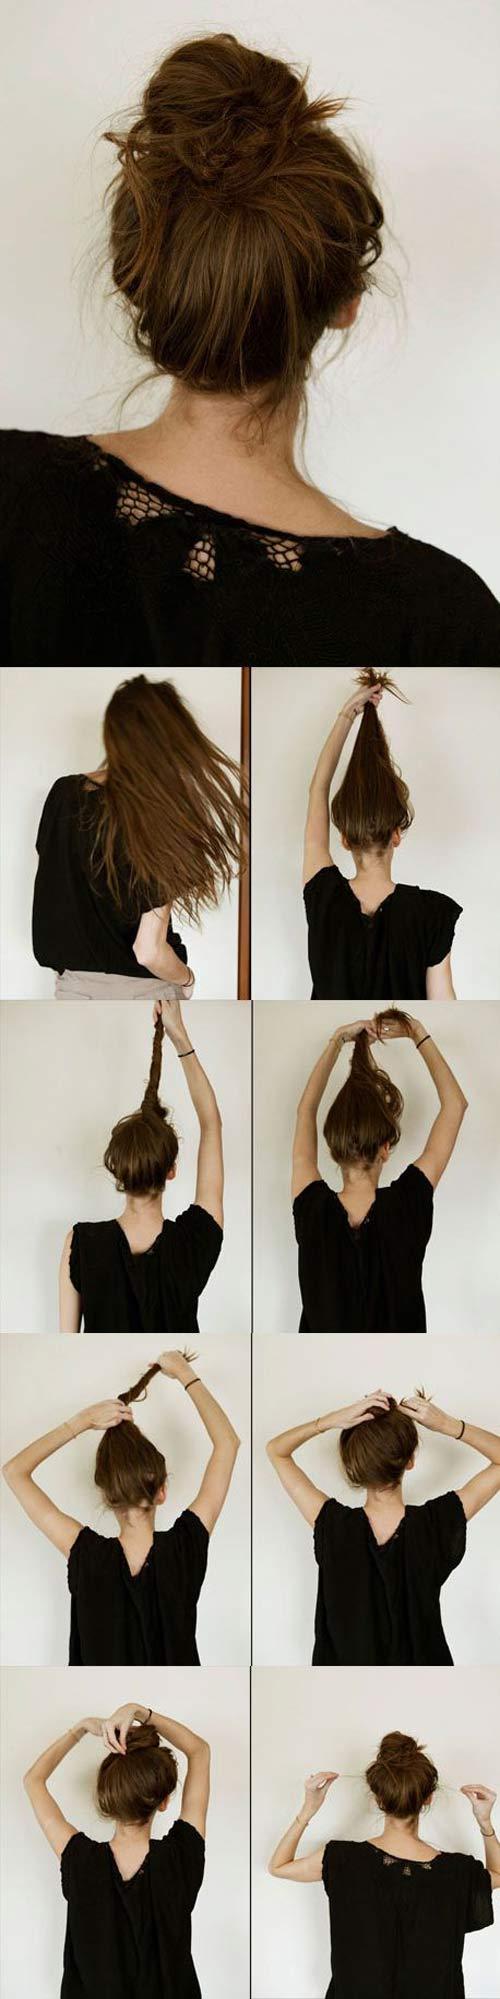 Đủ kiểu biến tấu với tóc búi cho mùa đông sôi động - 5